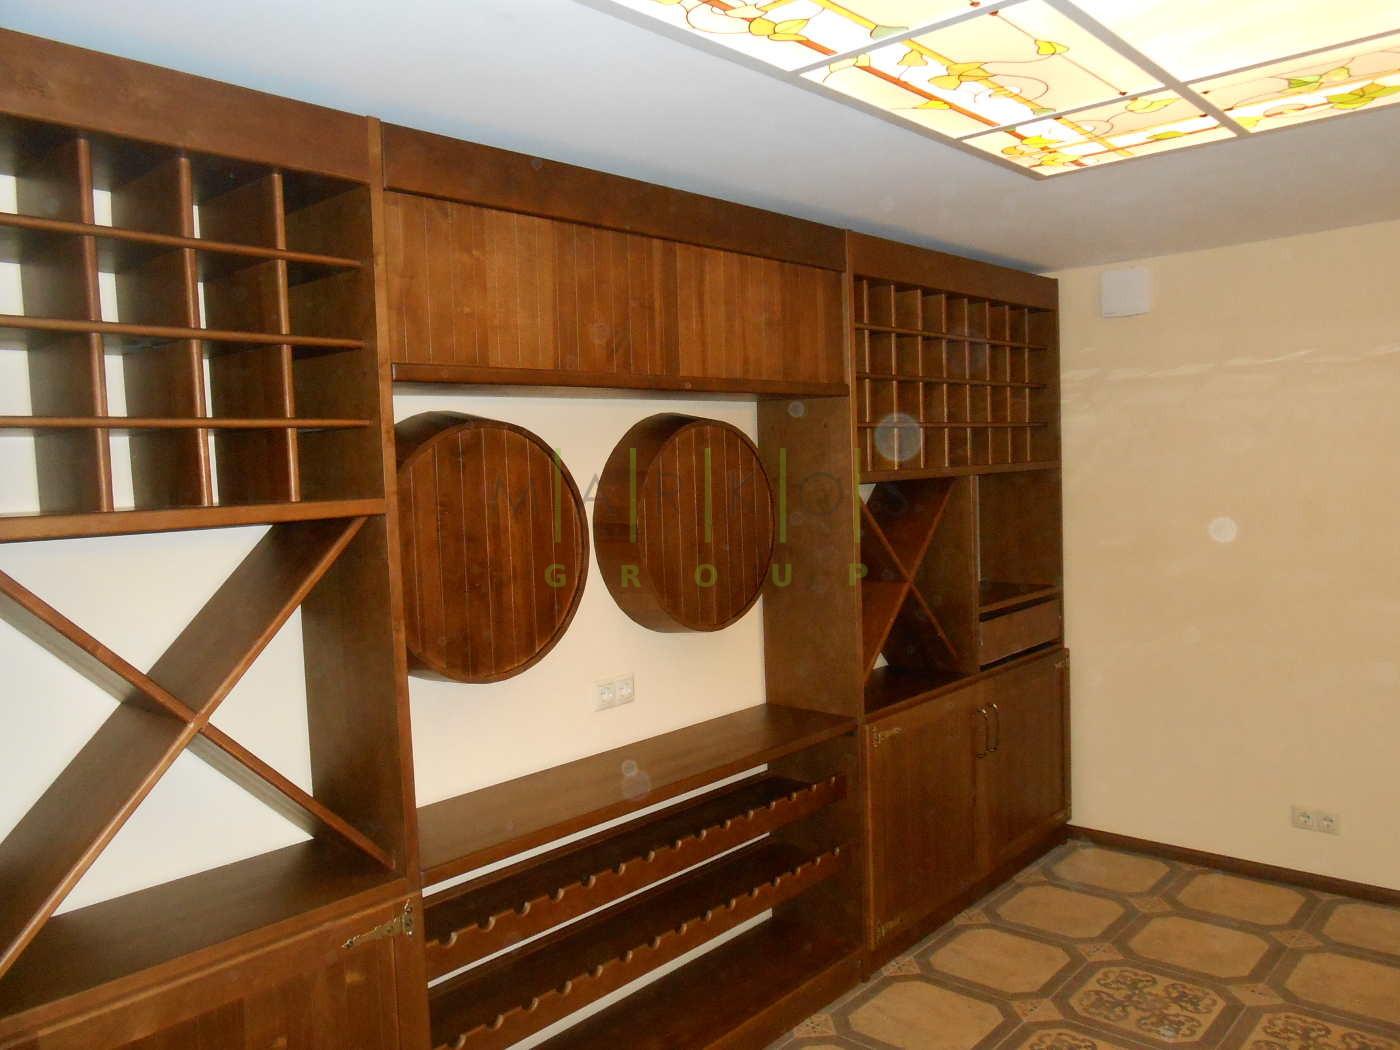 мебель для винного погреба изготовленная на заказ фото